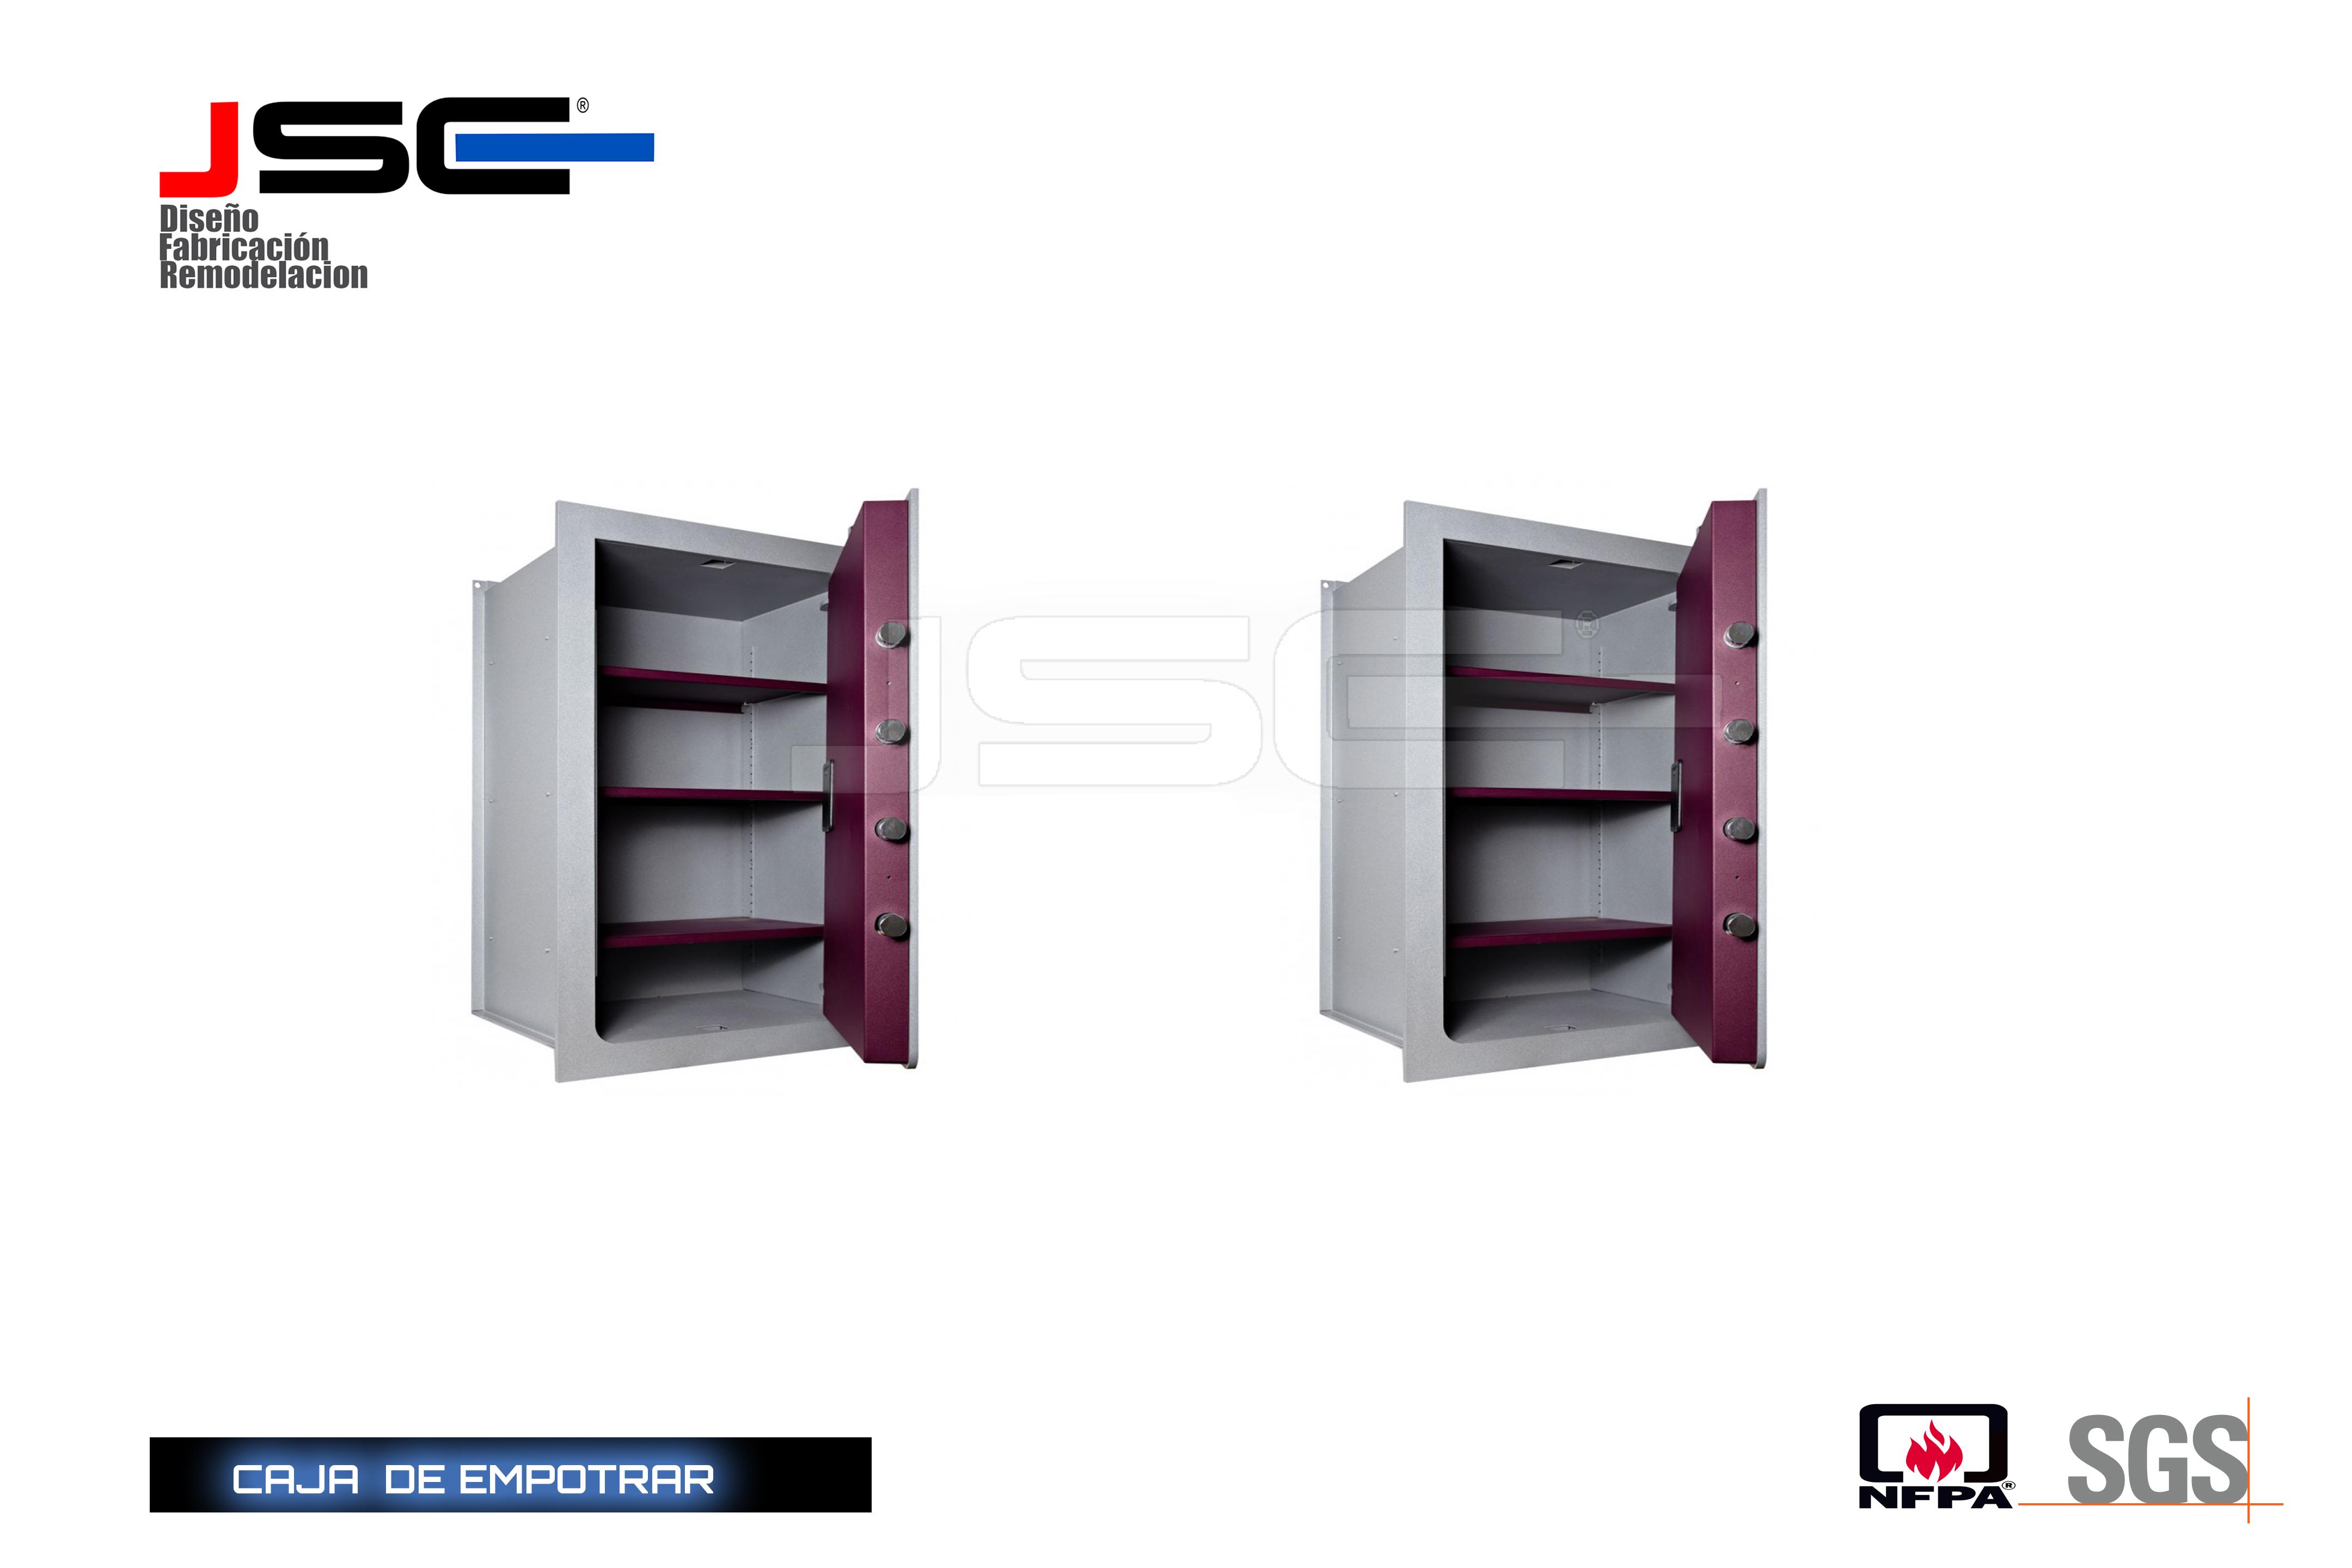 Caja de empotrar JSCE007